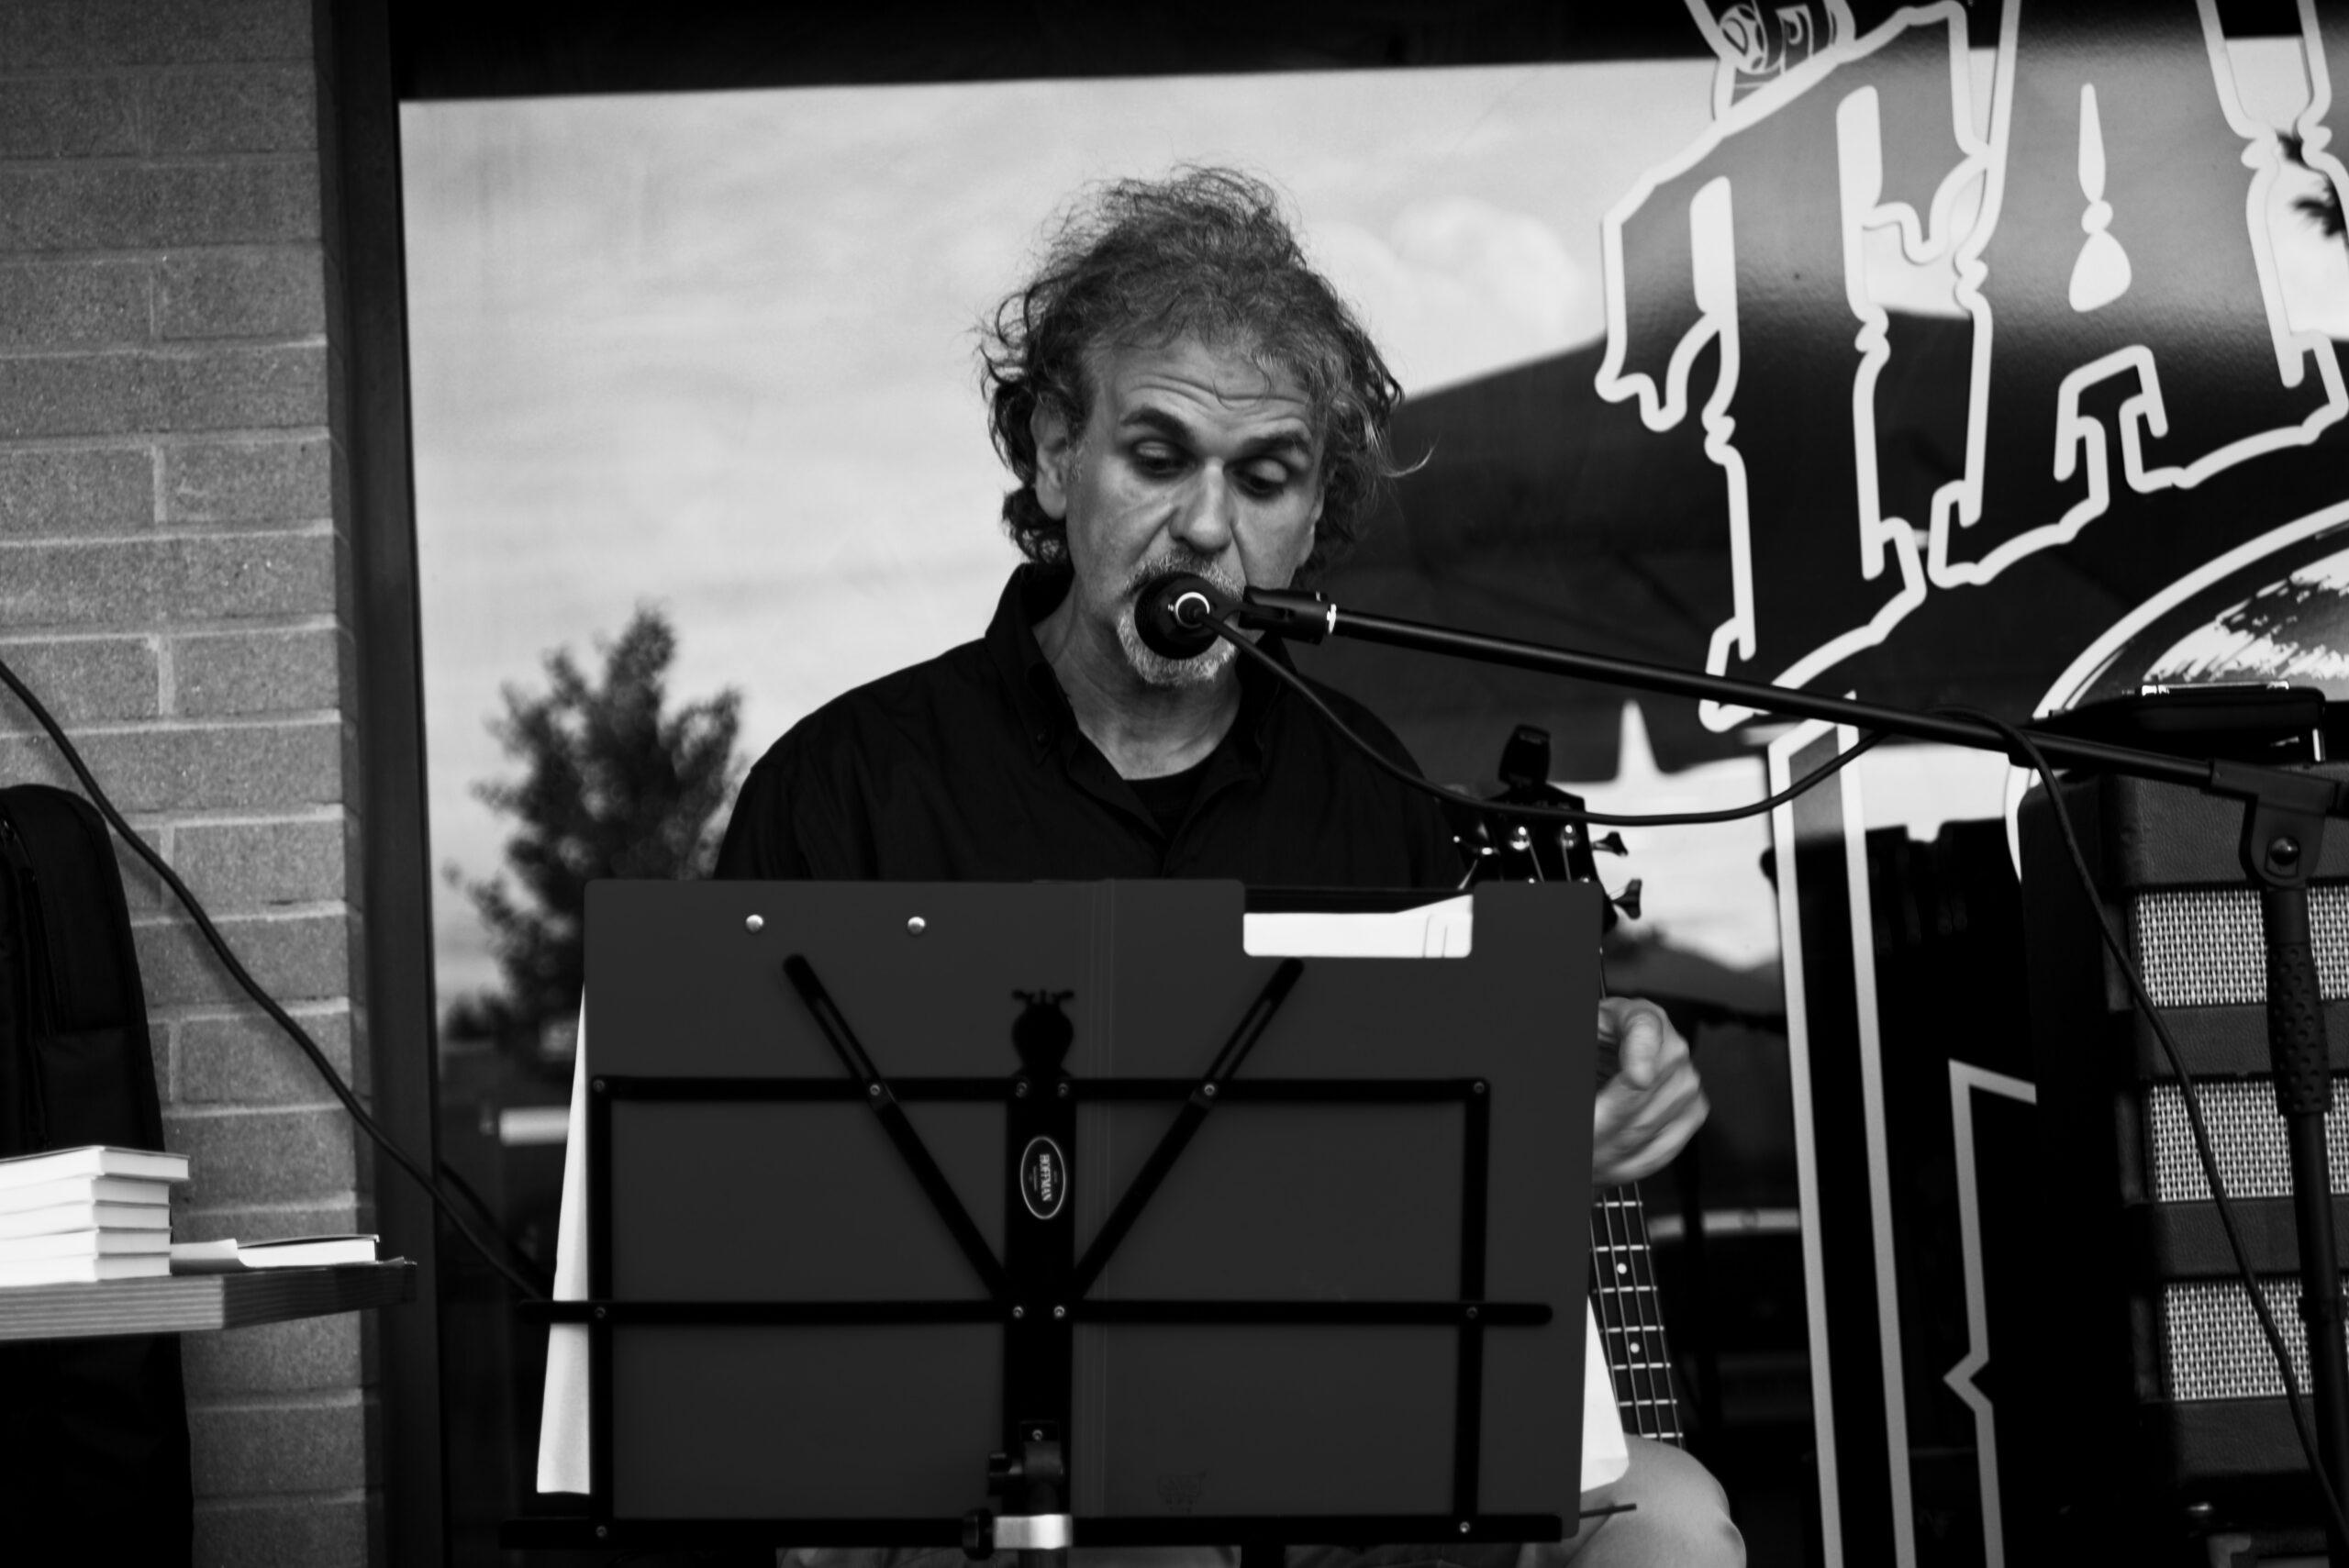 """theWise incontra lo """"sguardo blues"""" di Marco Di Grazia"""